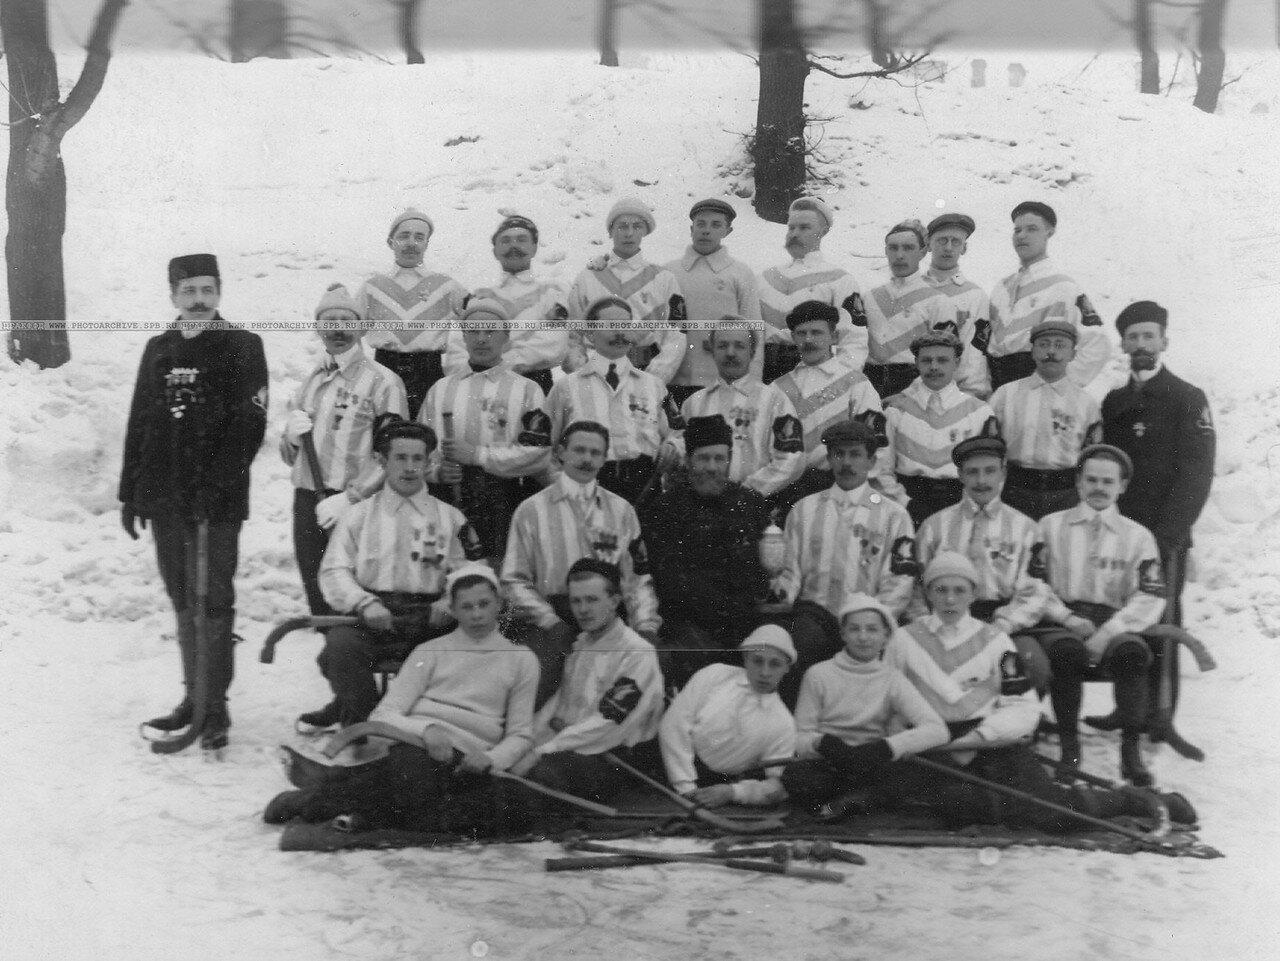 25. Группа хоккеистов с призами. 1913-1914